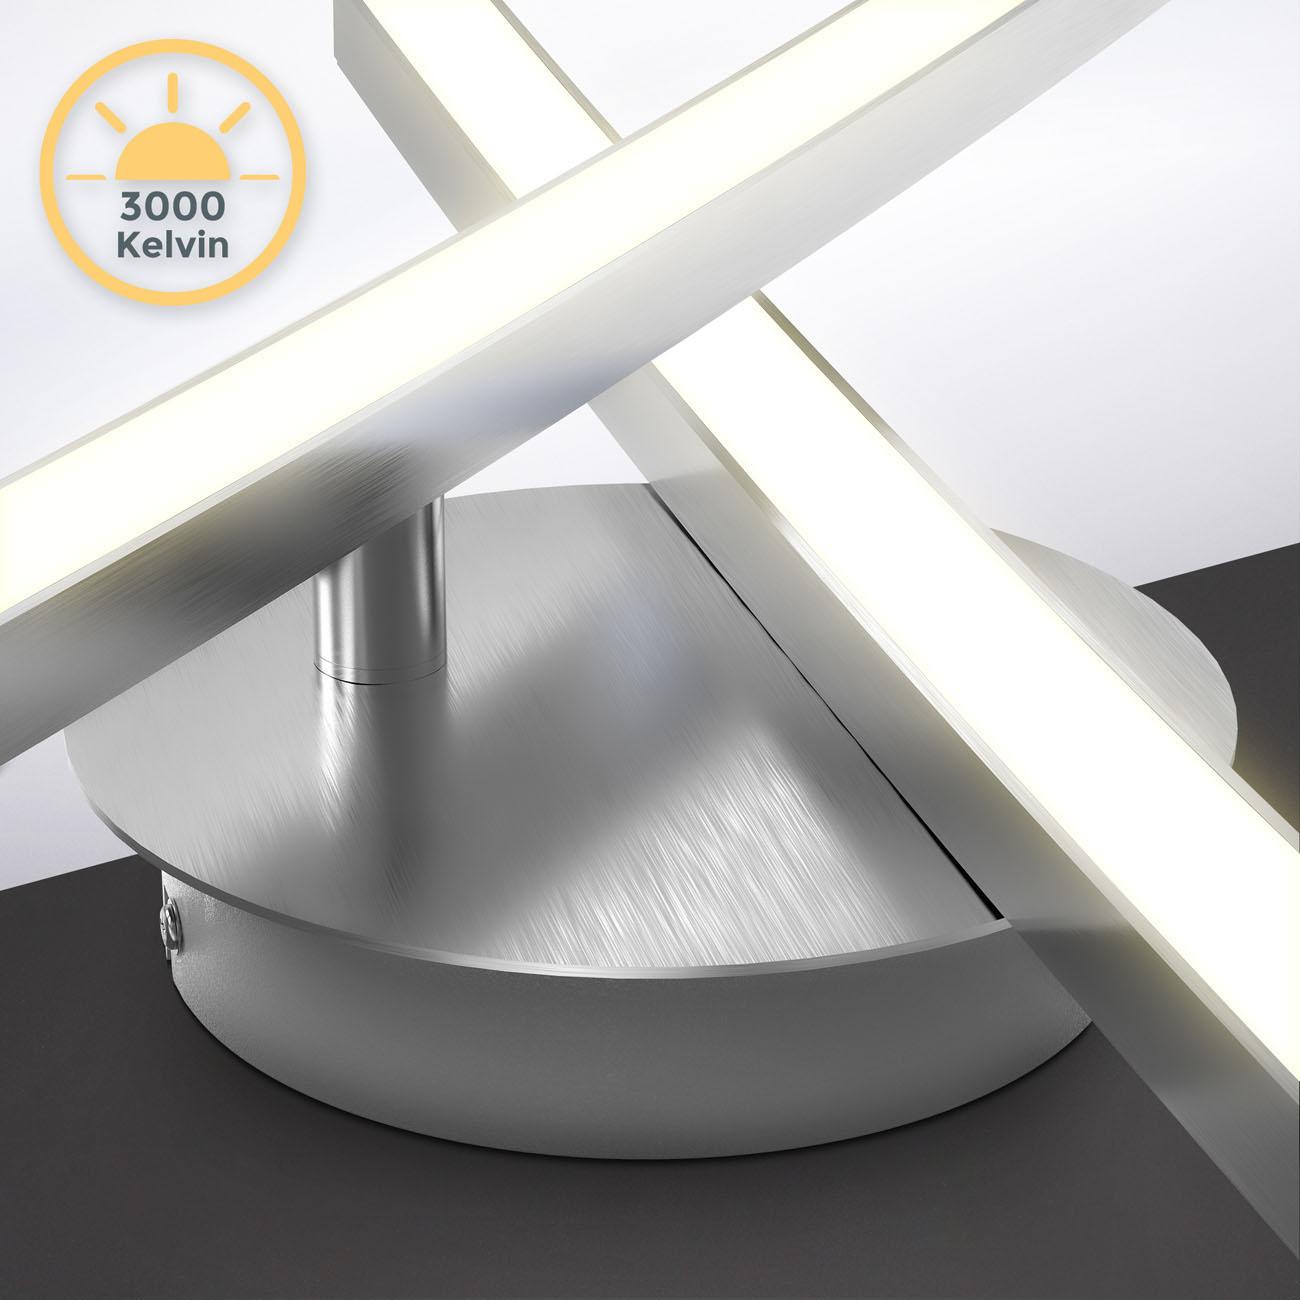 LED Deckenleuchte 2-flammig schwenkbare Leuchtmodule - 7